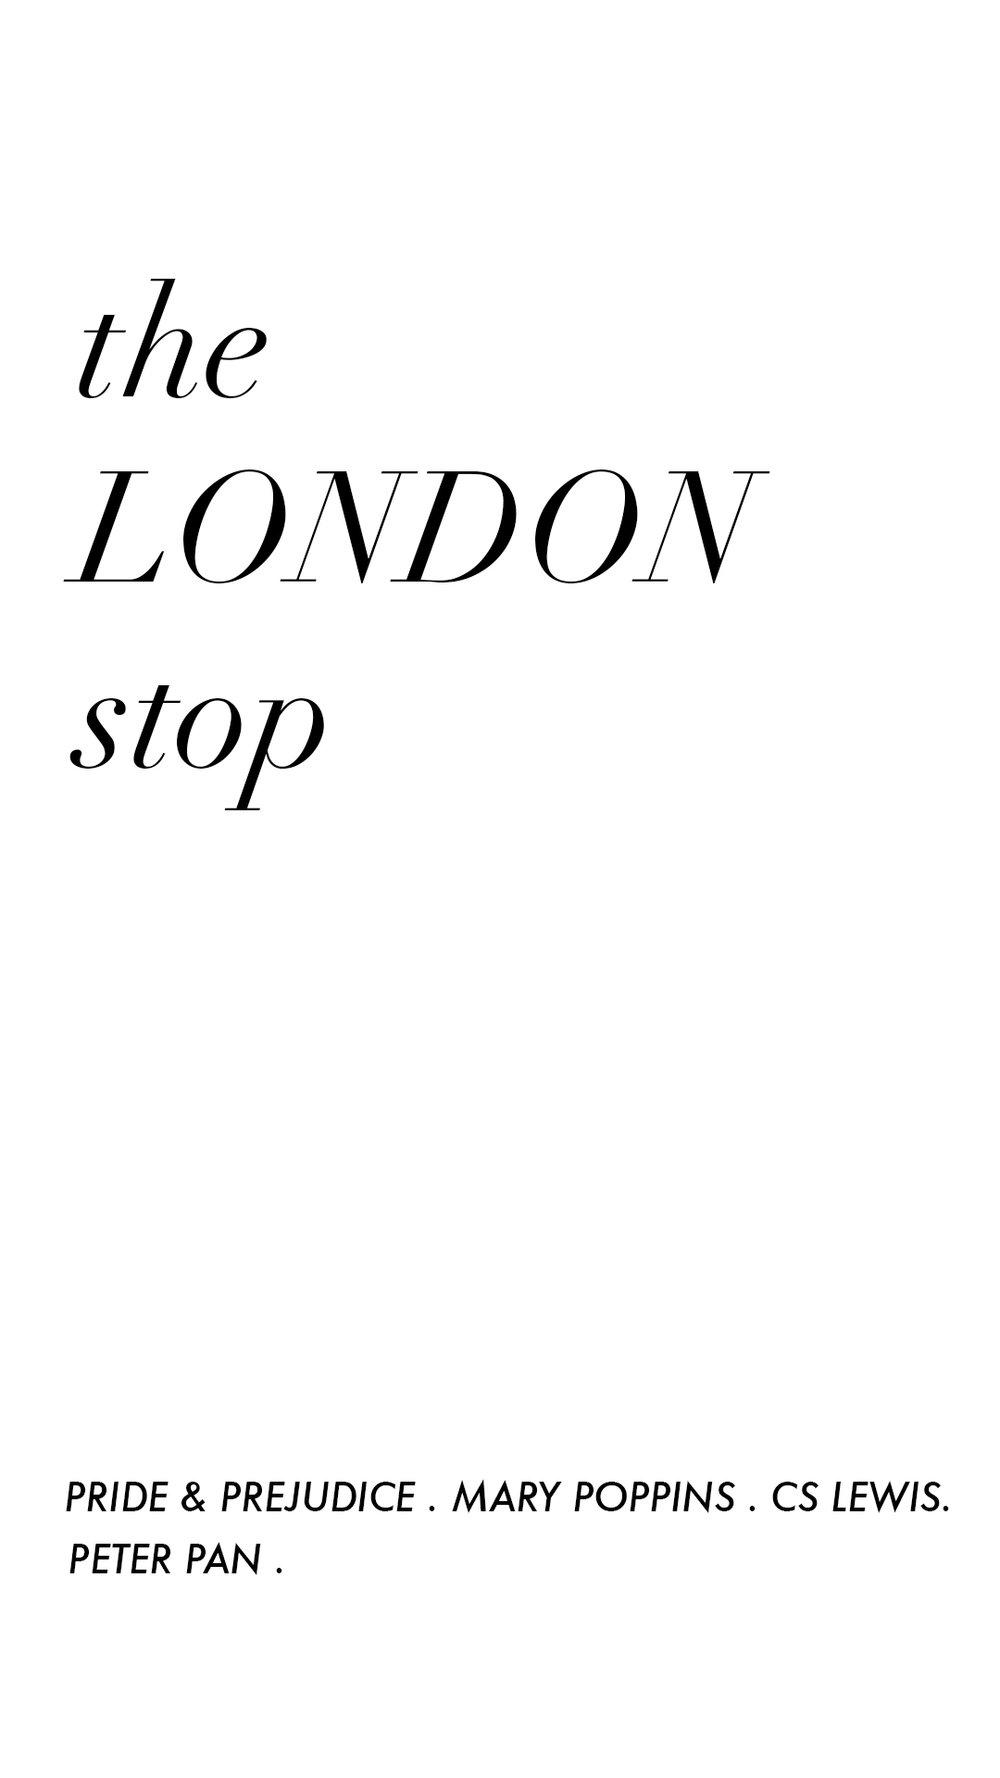 2_TEV_LONDON.jpg